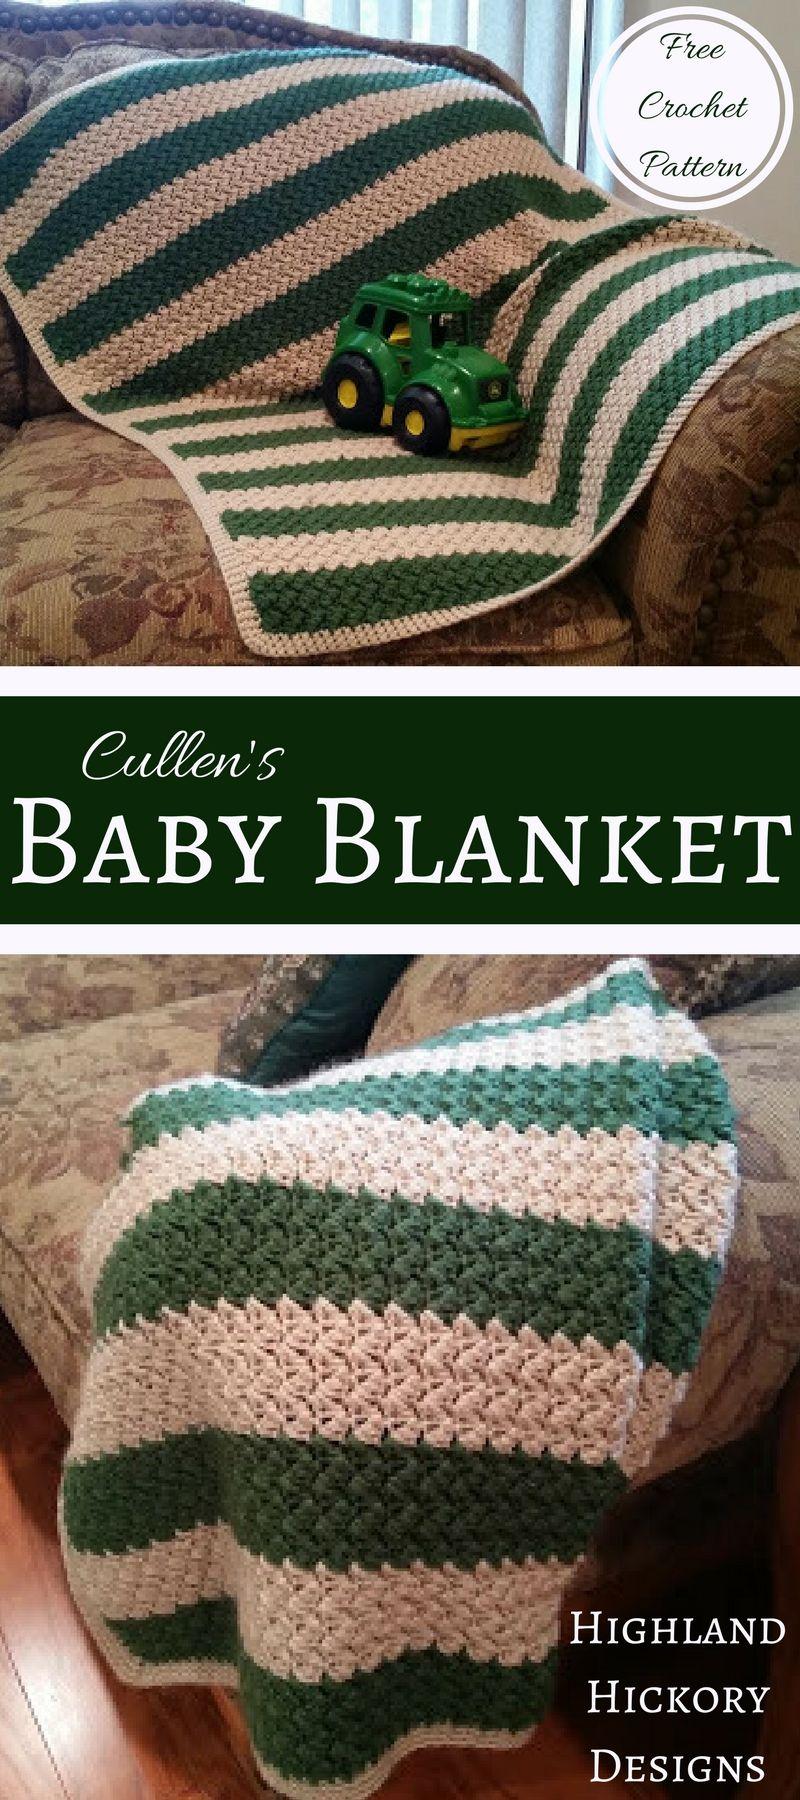 Cullen\'s Baby Blanket - Free Crochet Pattern | Crochet | Pinterest ...